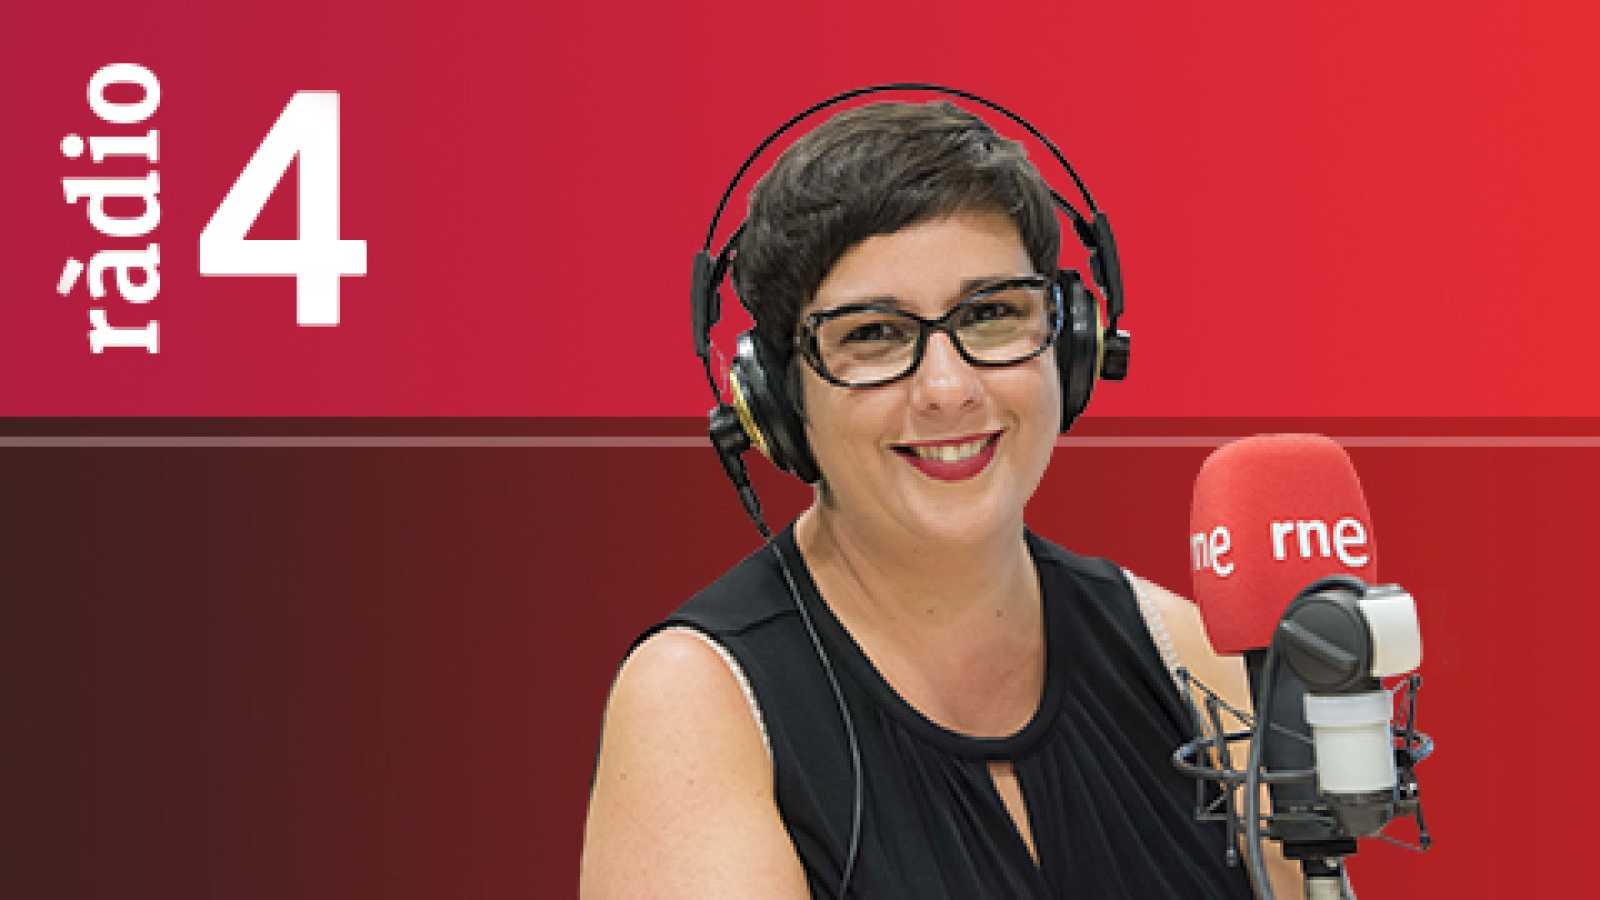 Realpolitik - Marilén Barceló, Elena Fort, Lucas Ferro